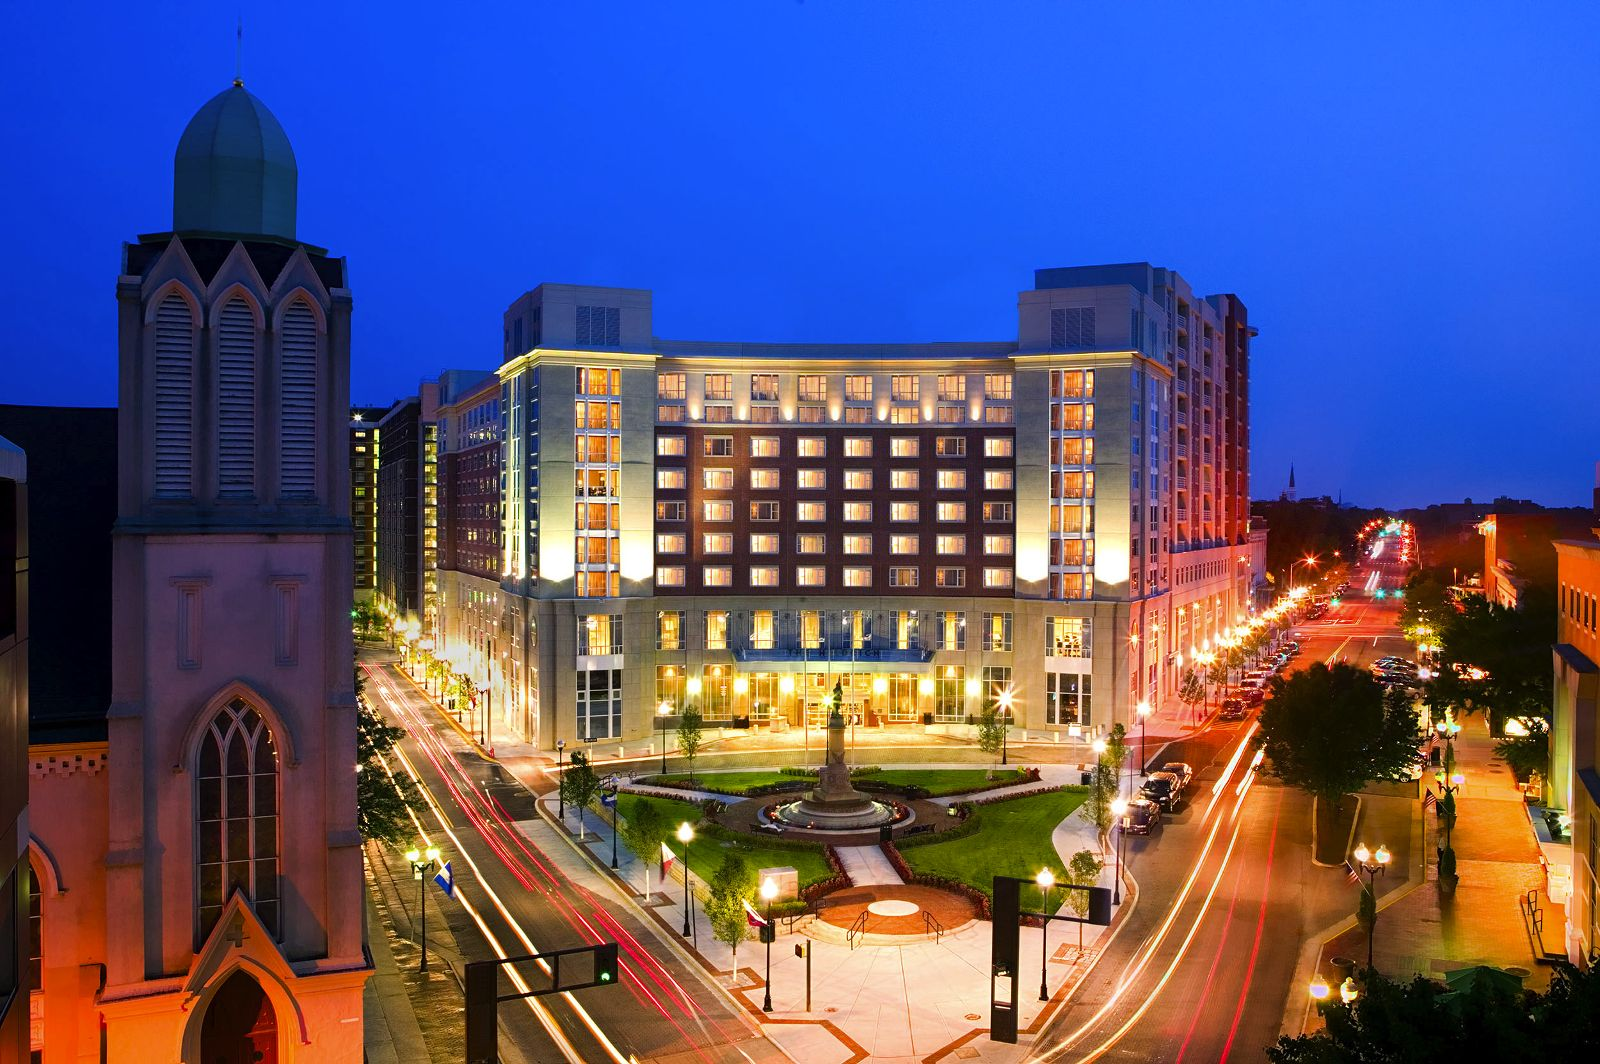 Hilton Hotel Manasquan Nj